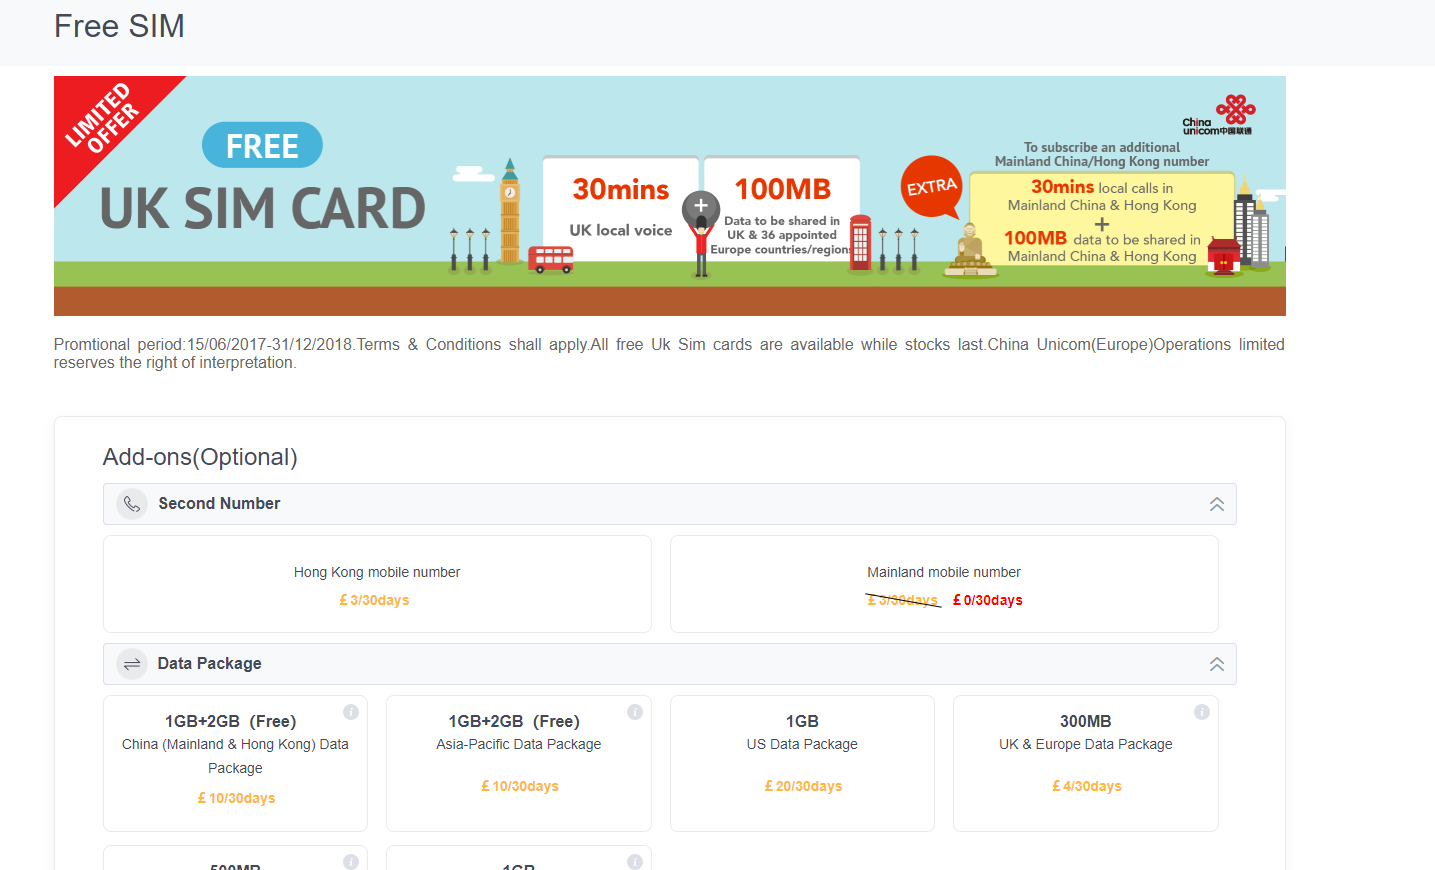 免费申请中国联通CuniqUK英国电话卡